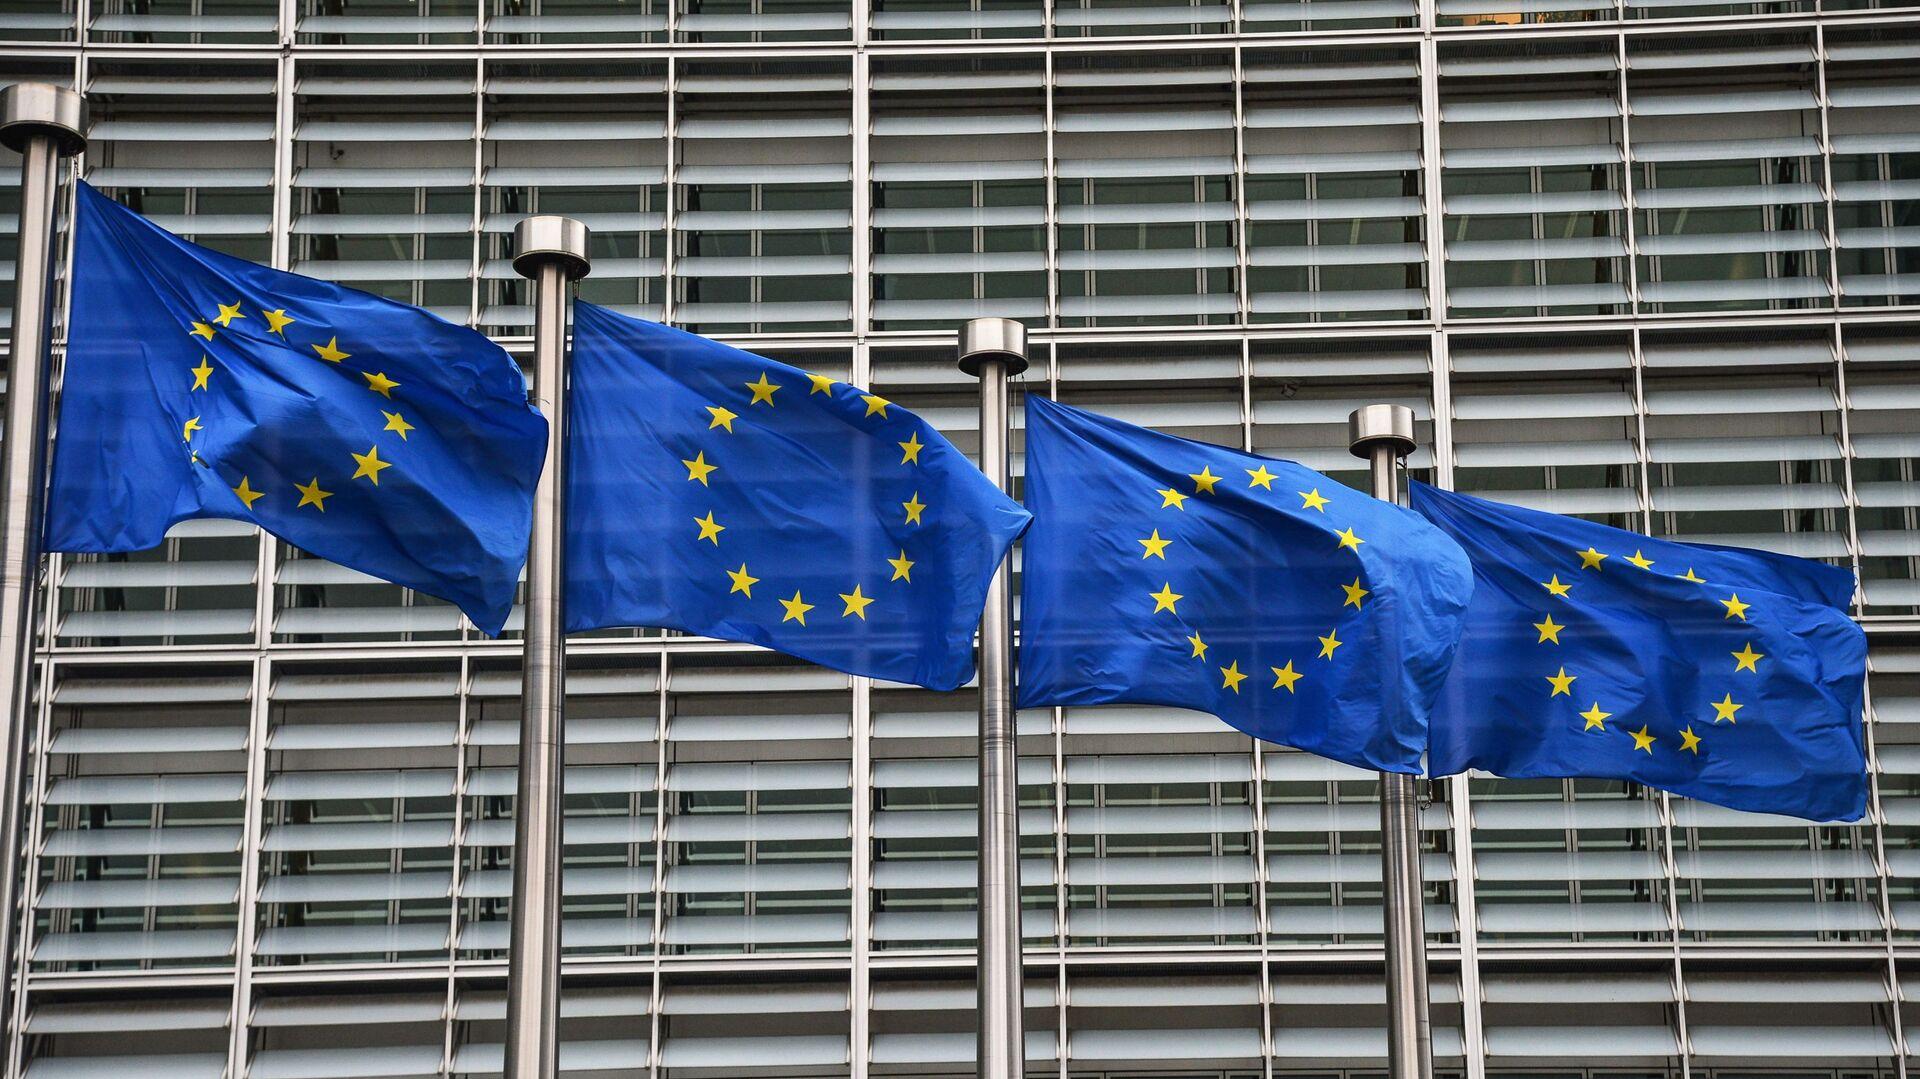 Bandiere dell'UE a Bruxelles - Sputnik Italia, 1920, 28.06.2021